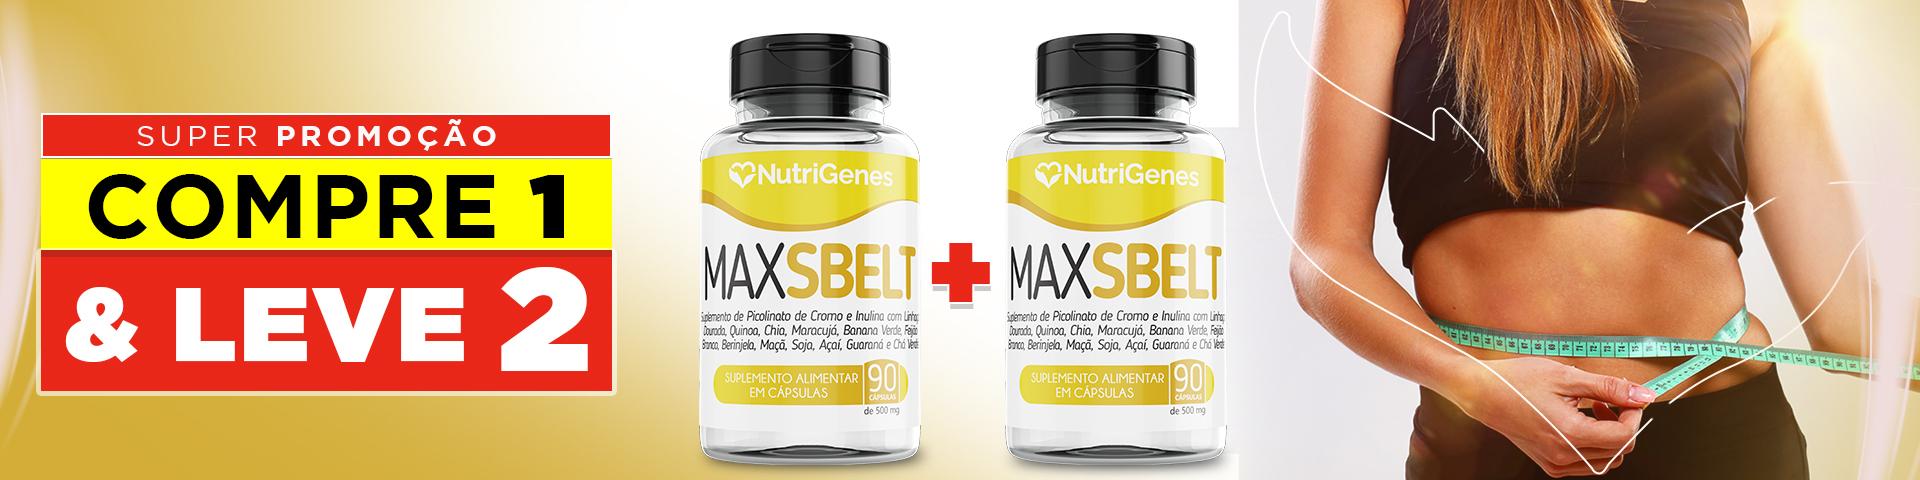 Promoção Maxsbelt